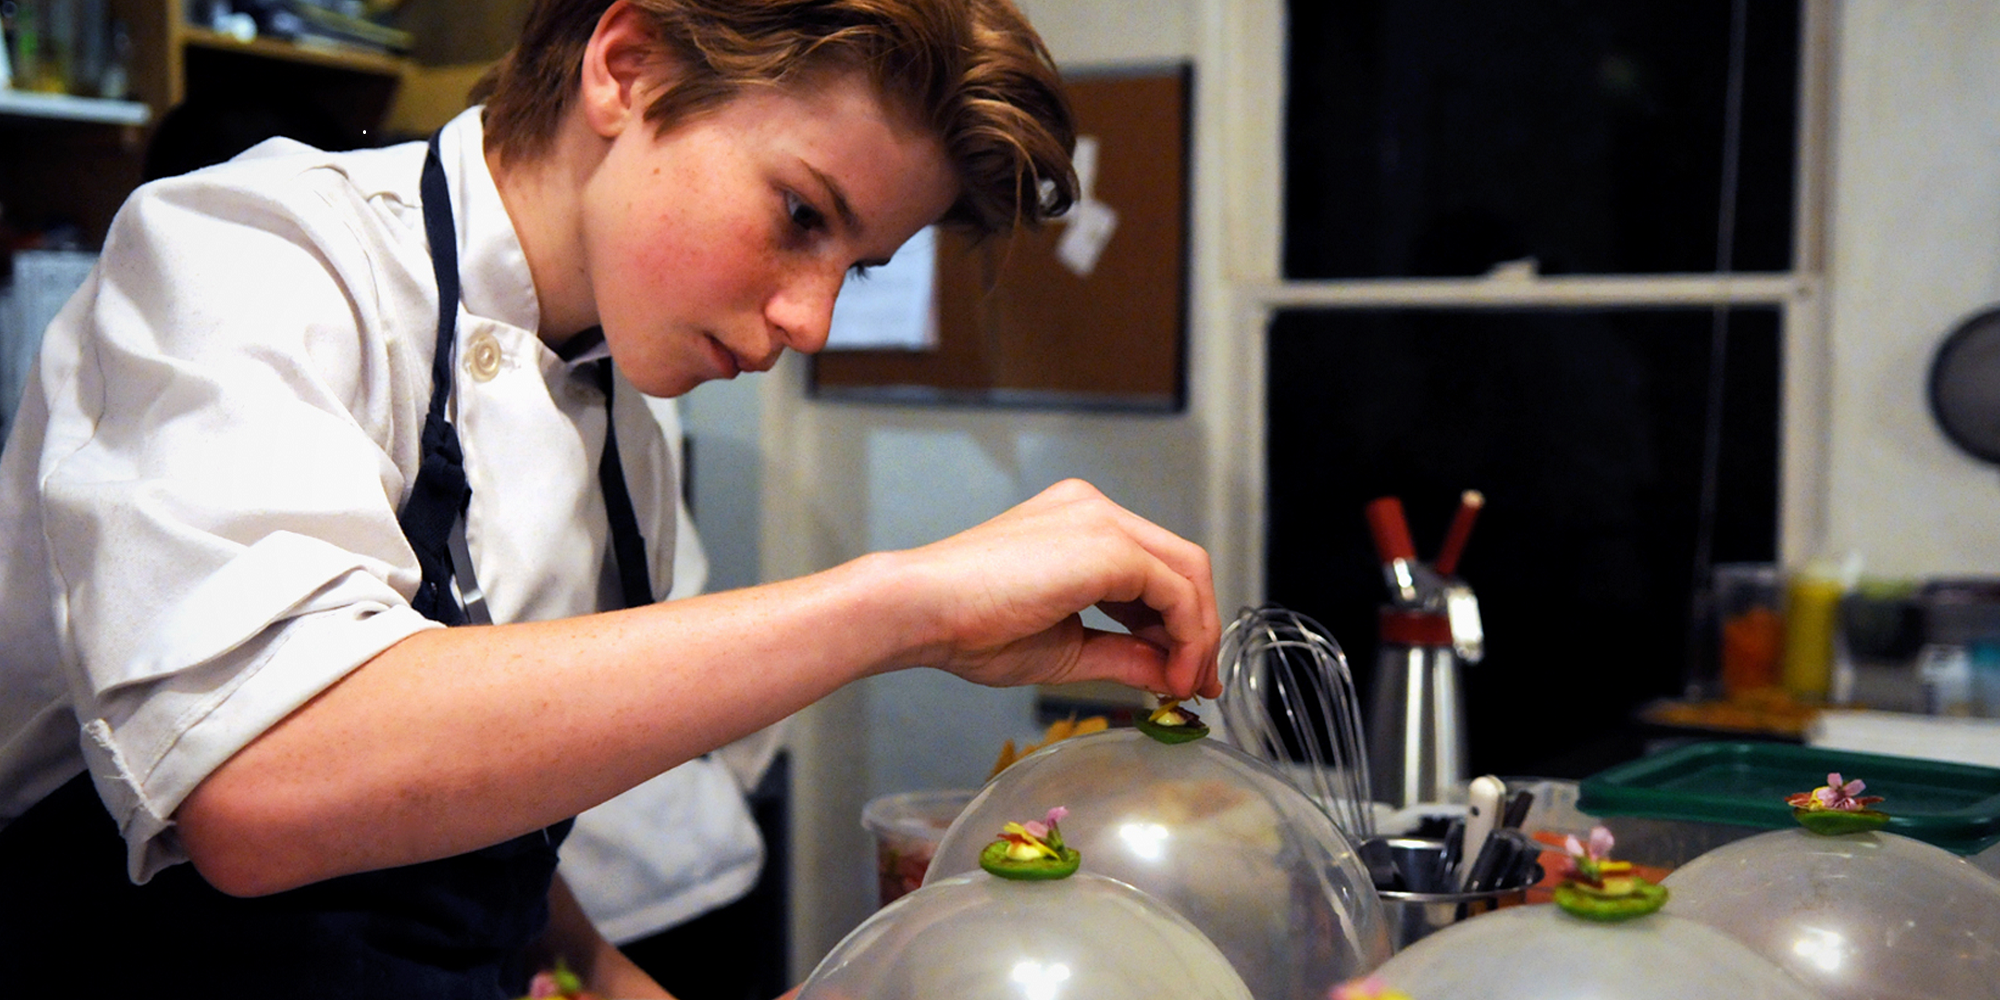 Ung gut i kokkeklede legg mat på fat. Foto.